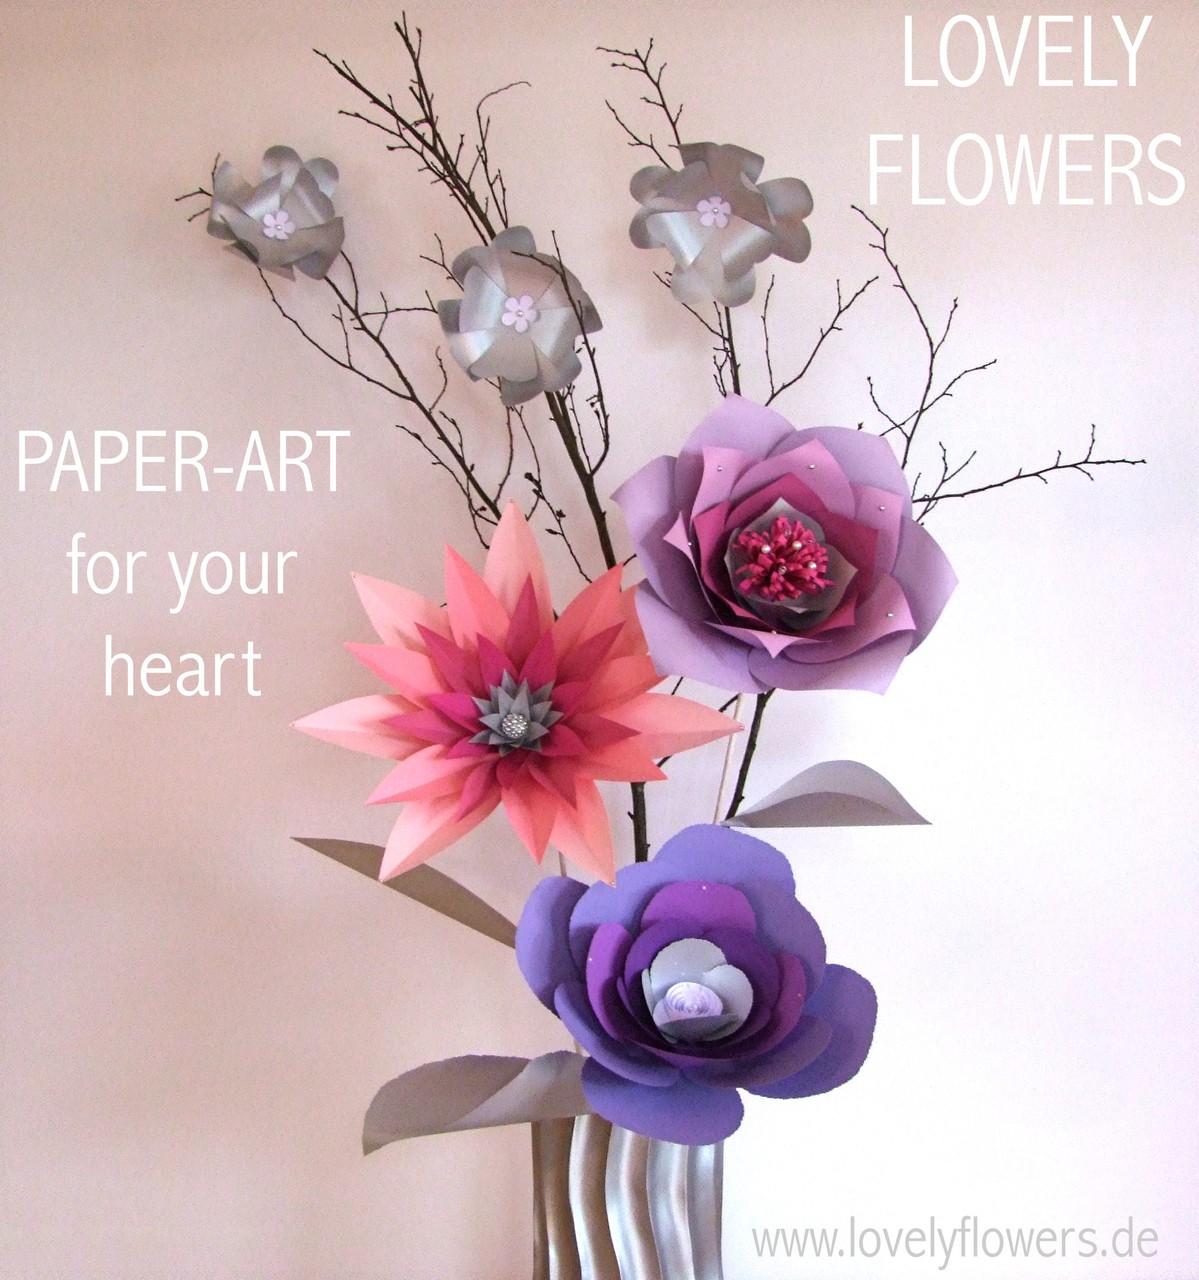 Paper-Art Großvasendekorationen von www.lovelyflowers.de von Chef-Paper-Artist Sabine Vöpel-Kramer für die Winterhochzeit in der Residenz zu Salzburg/Österreich